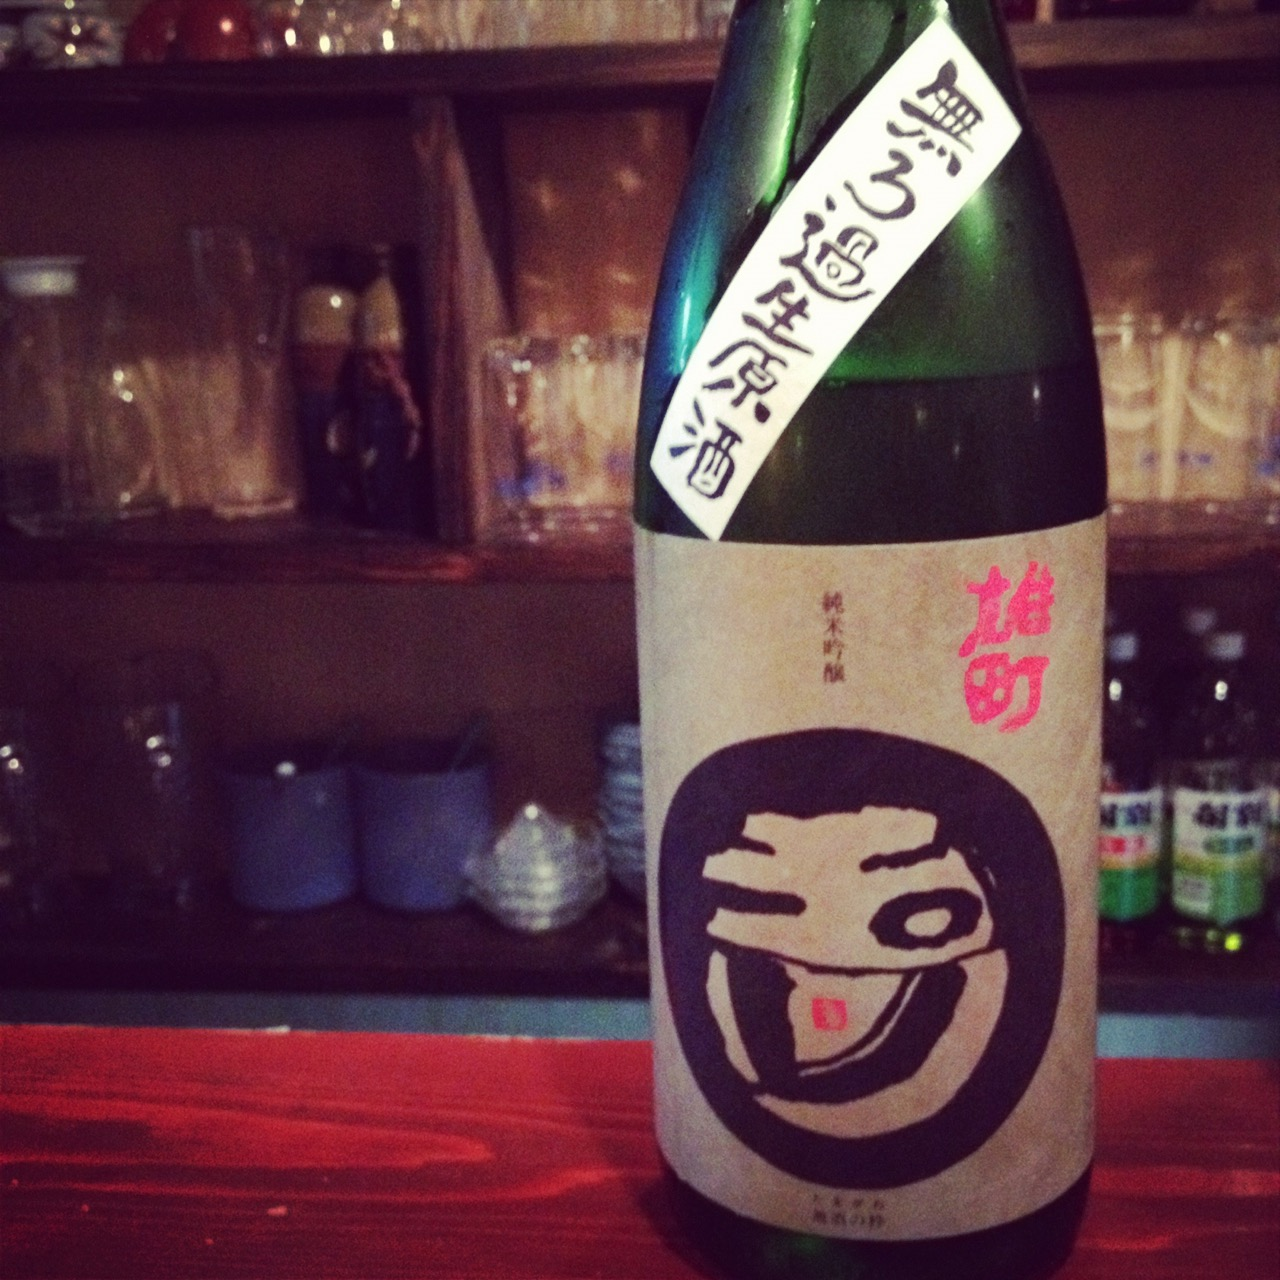 玉川 純米吟醸 雄町 無濾過生原酒|日本酒テイスティングノート